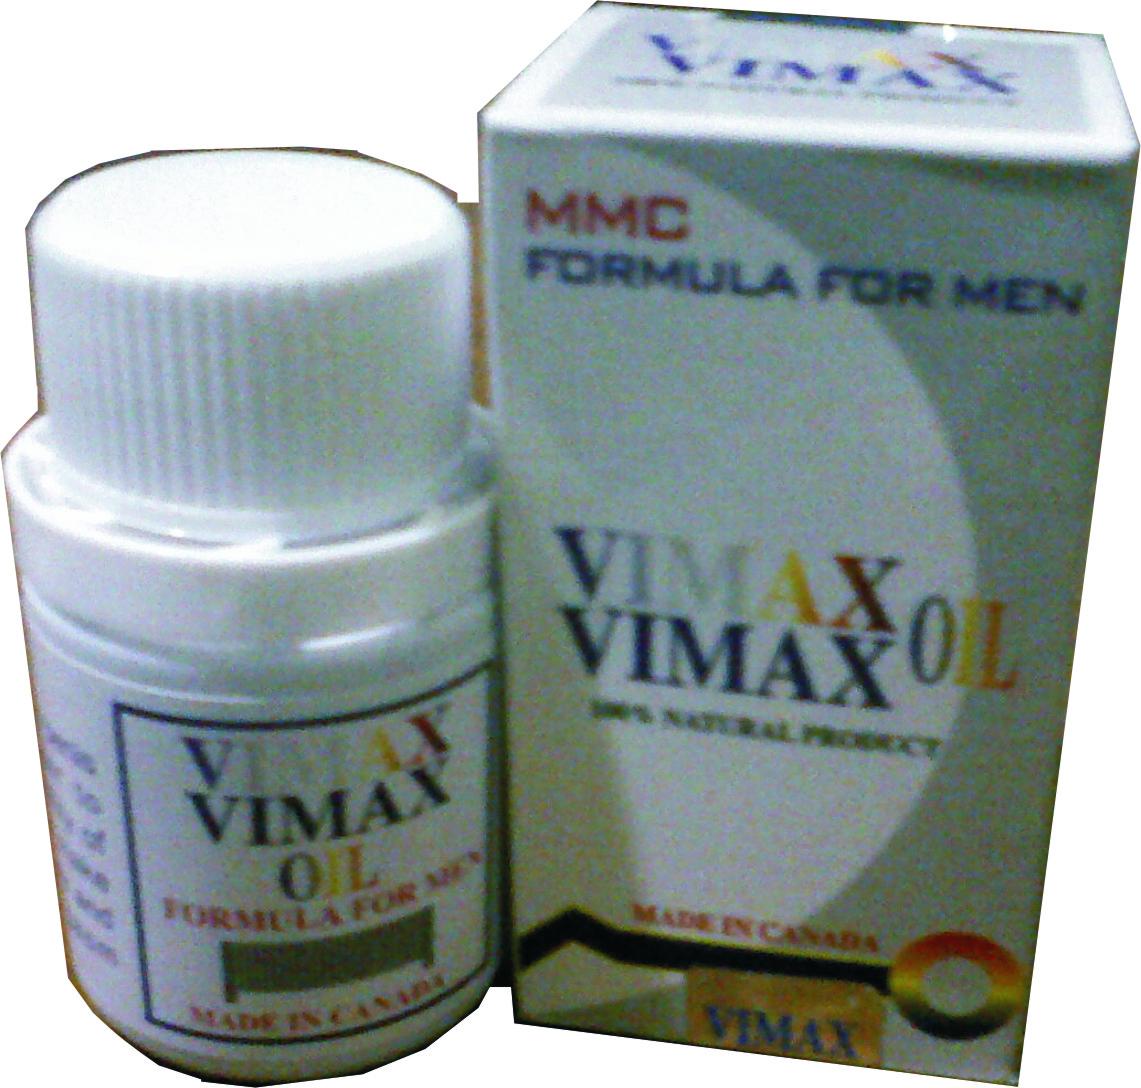 toko griya riatur vimax oil canada